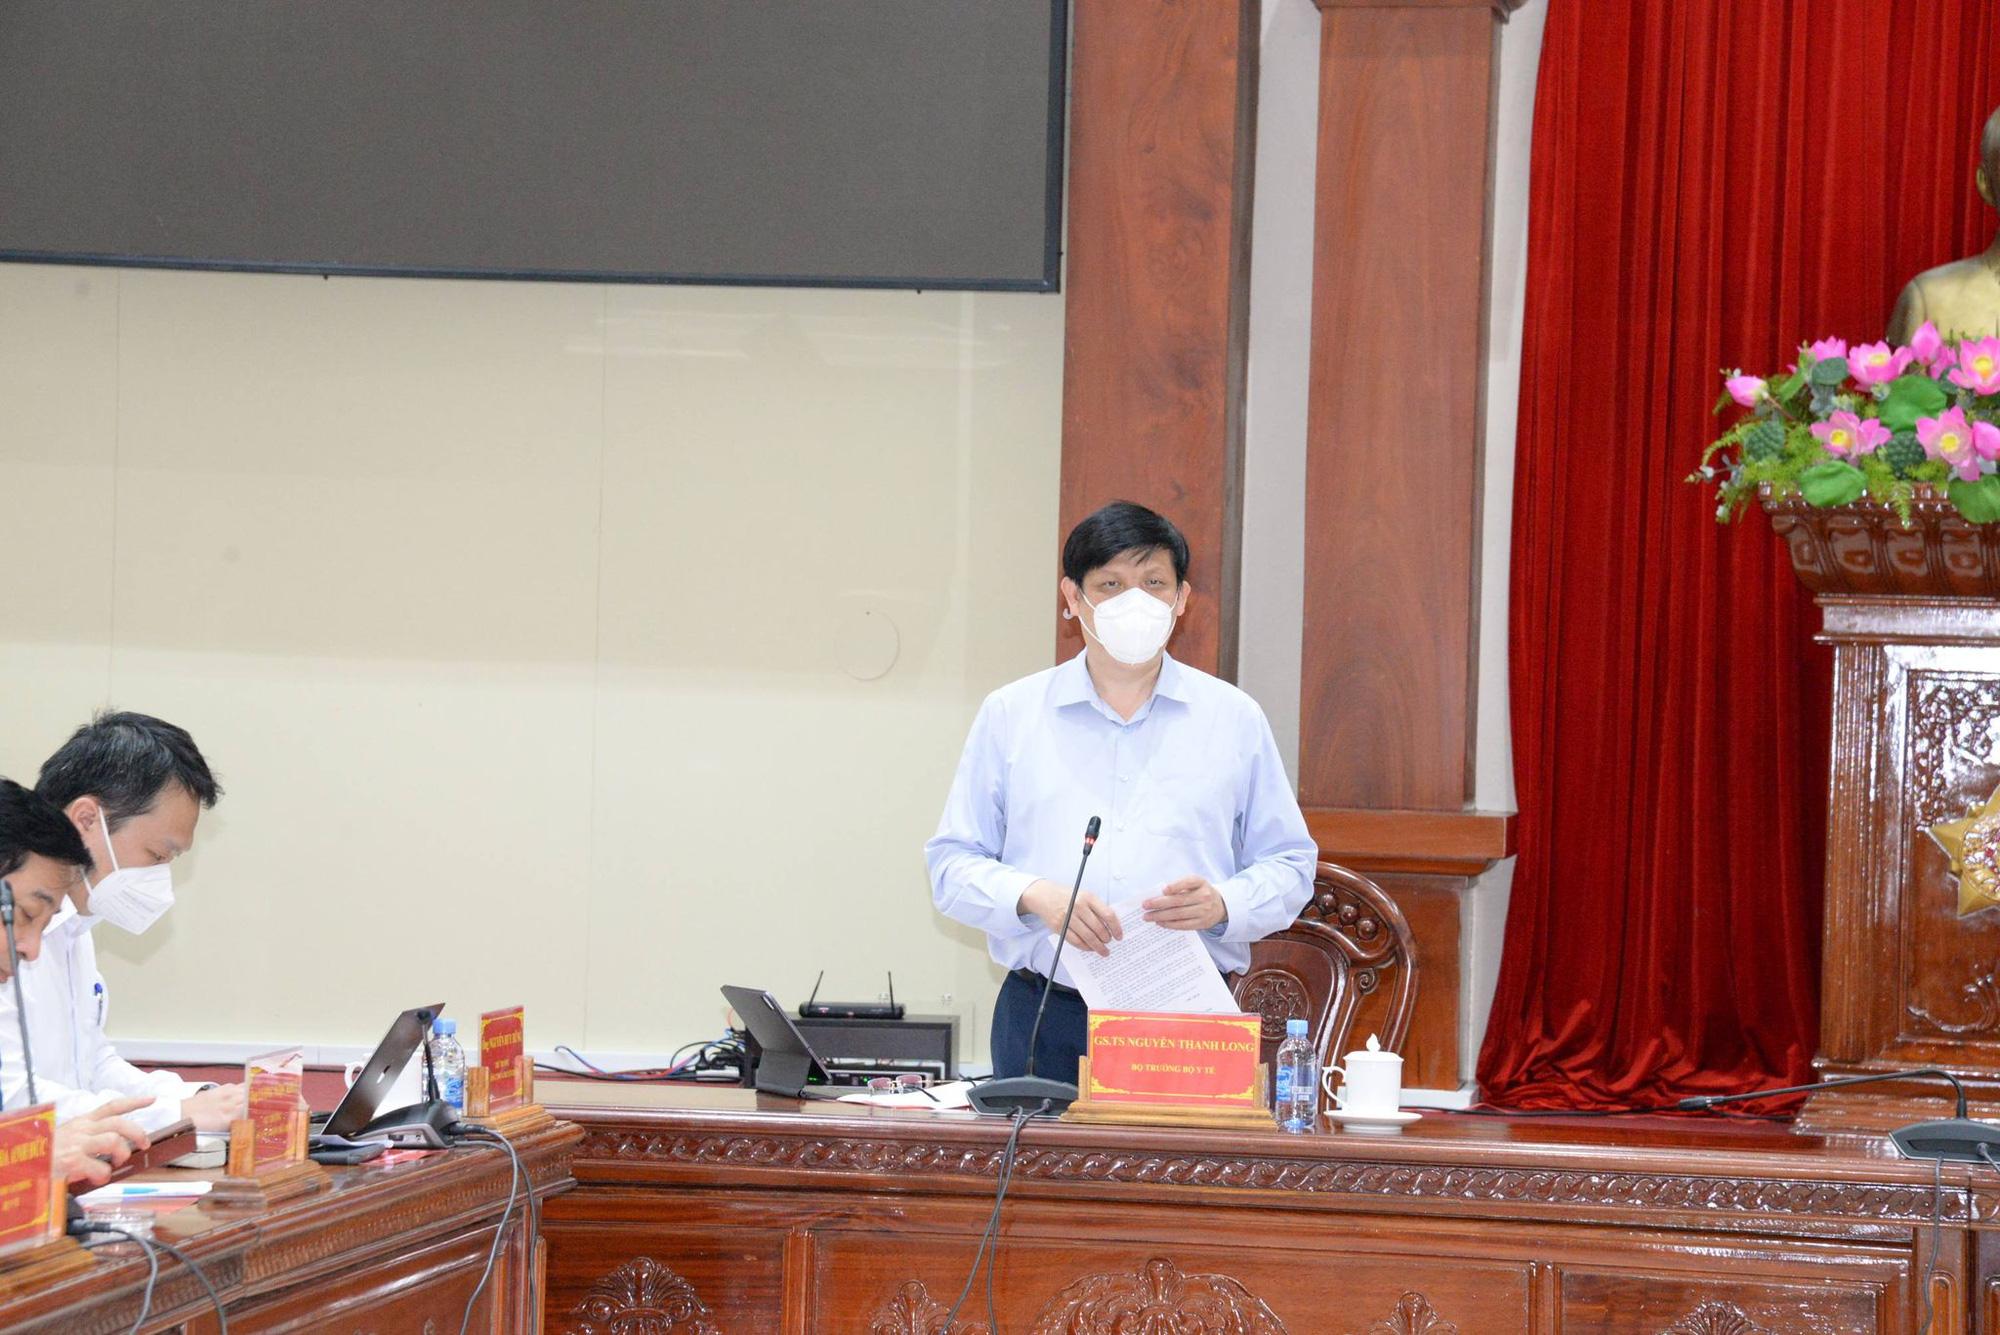 Bộ trưởng Bộ Y tế tiếp tục cử chuyên gia đầu ngành hỗ trợ Tiền Giang chống dịch COVID-19 - Ảnh 1.